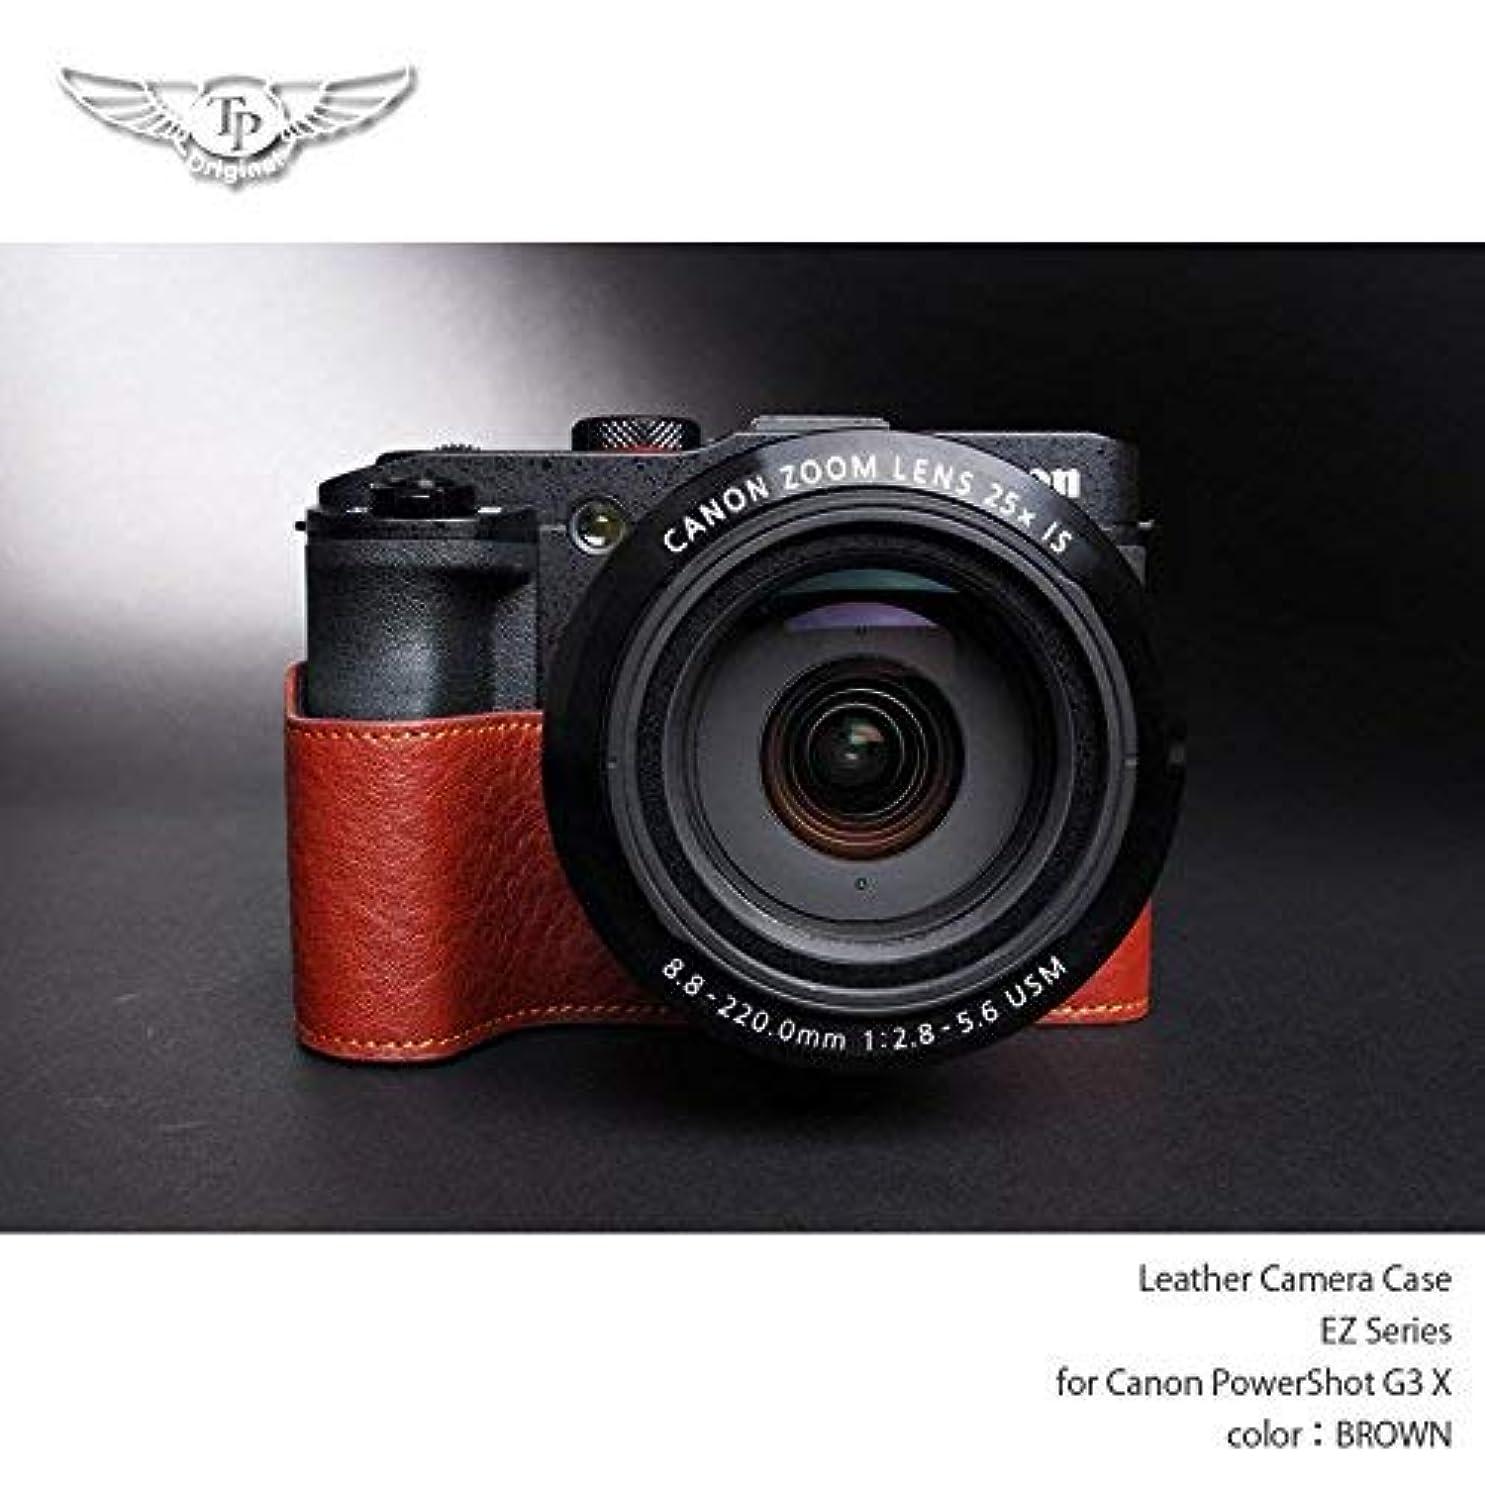 超えるガイド曲がったティーピー オリジナル Leather Camera Body Case レザーカメラボディケース for Canon PowerShot G3 X キャノン パワーショット G3 X用 おしゃれ 本革 レザー カメラケース 速写ケース EZ Series Black(ブラック)?Brown(ブラウン) (BROWN)